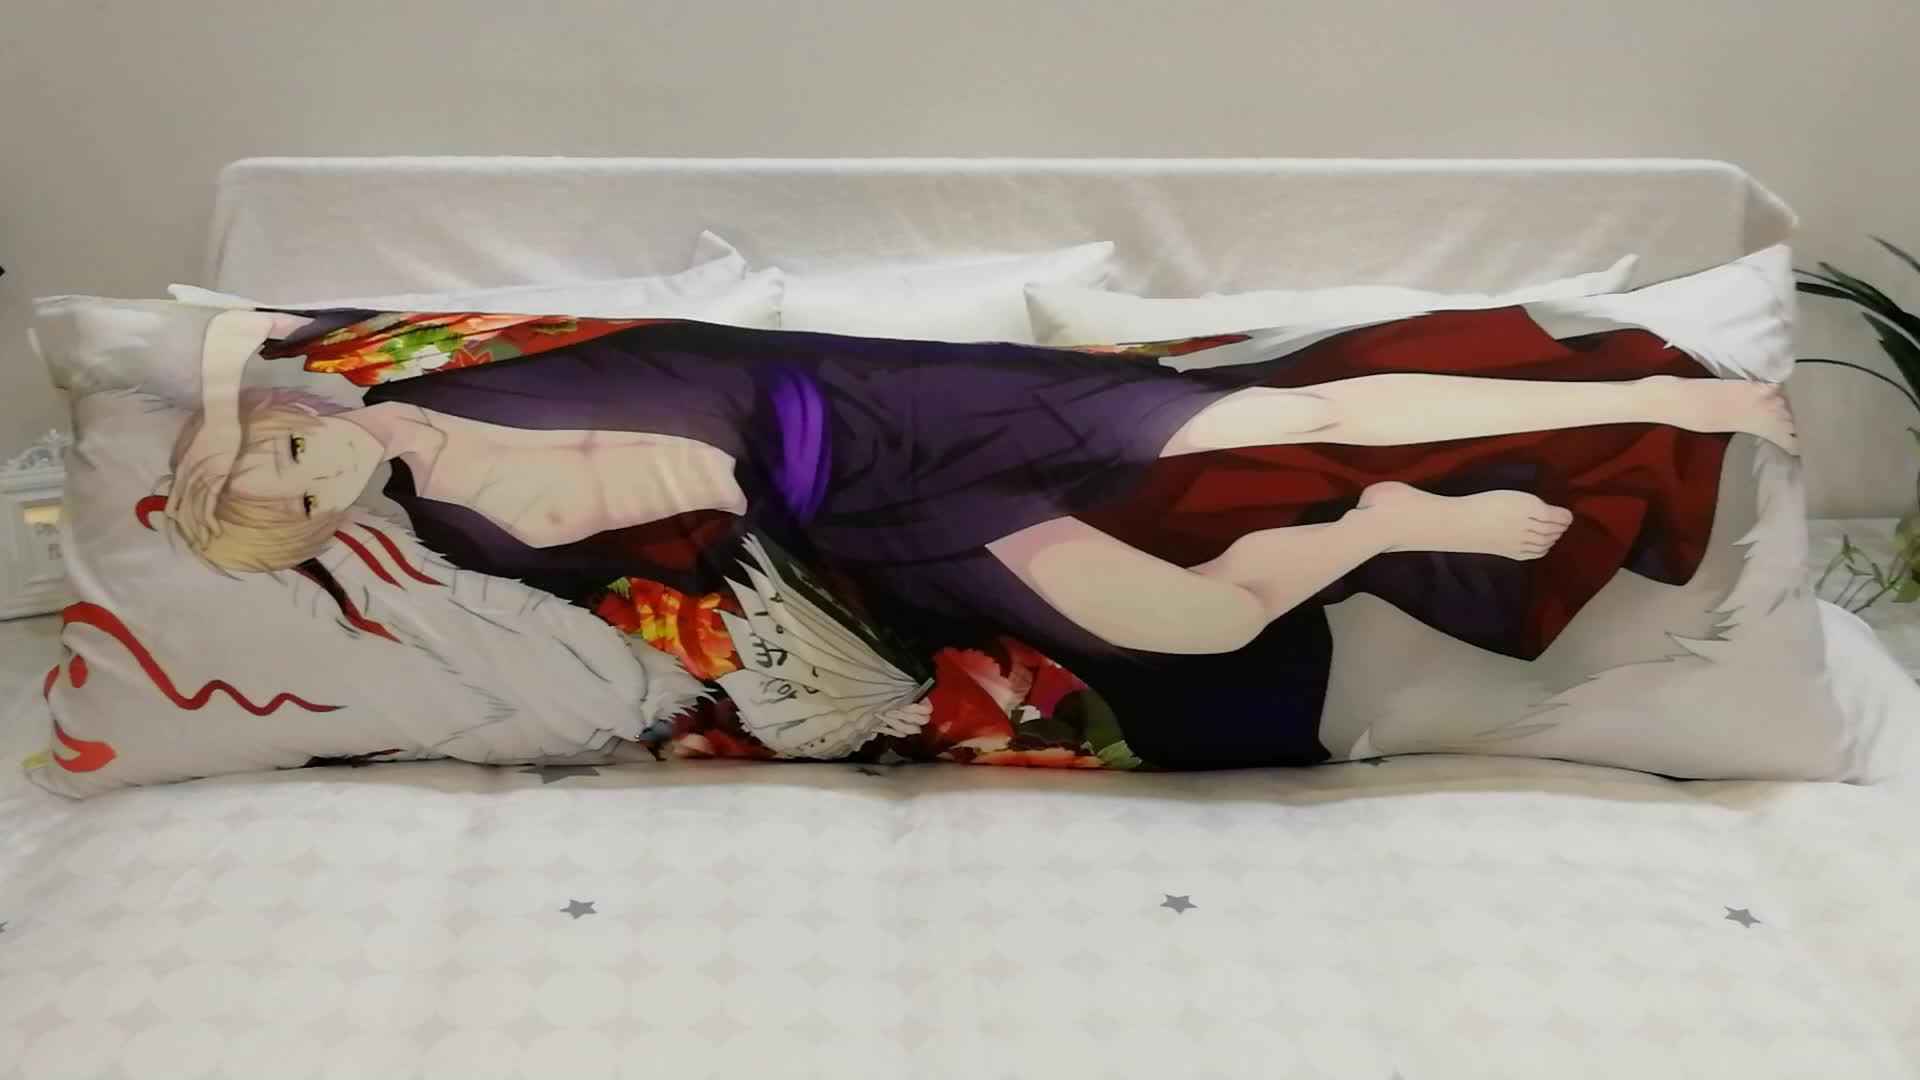 저렴한 도매 애니메이션 베개 케이스 다 키마 쿠라